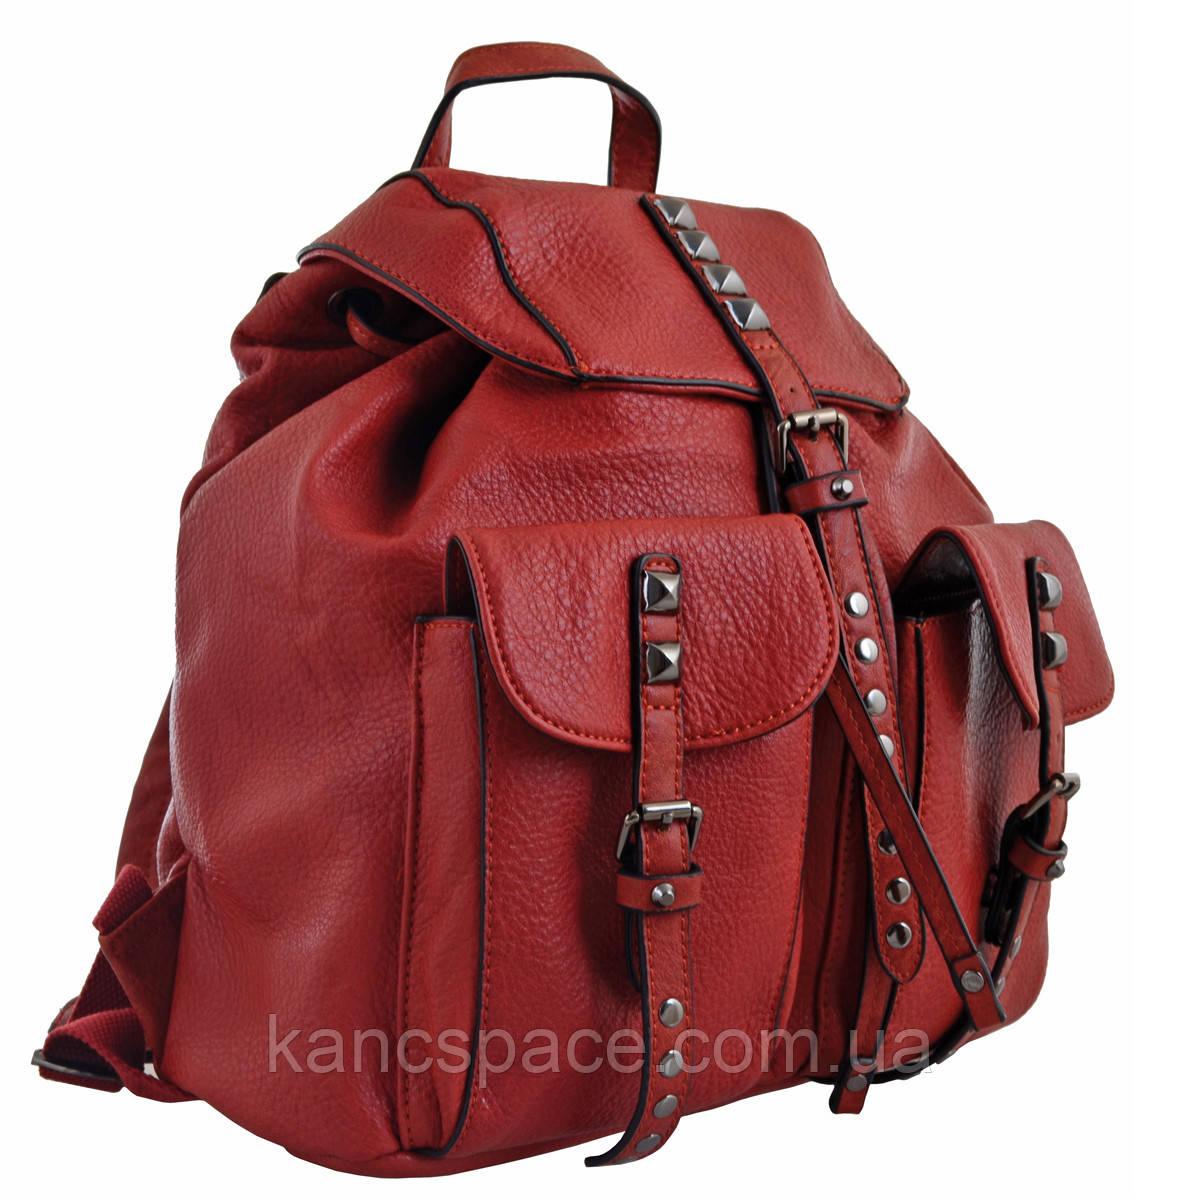 Рюкзак жіночий YW-13, цегляний